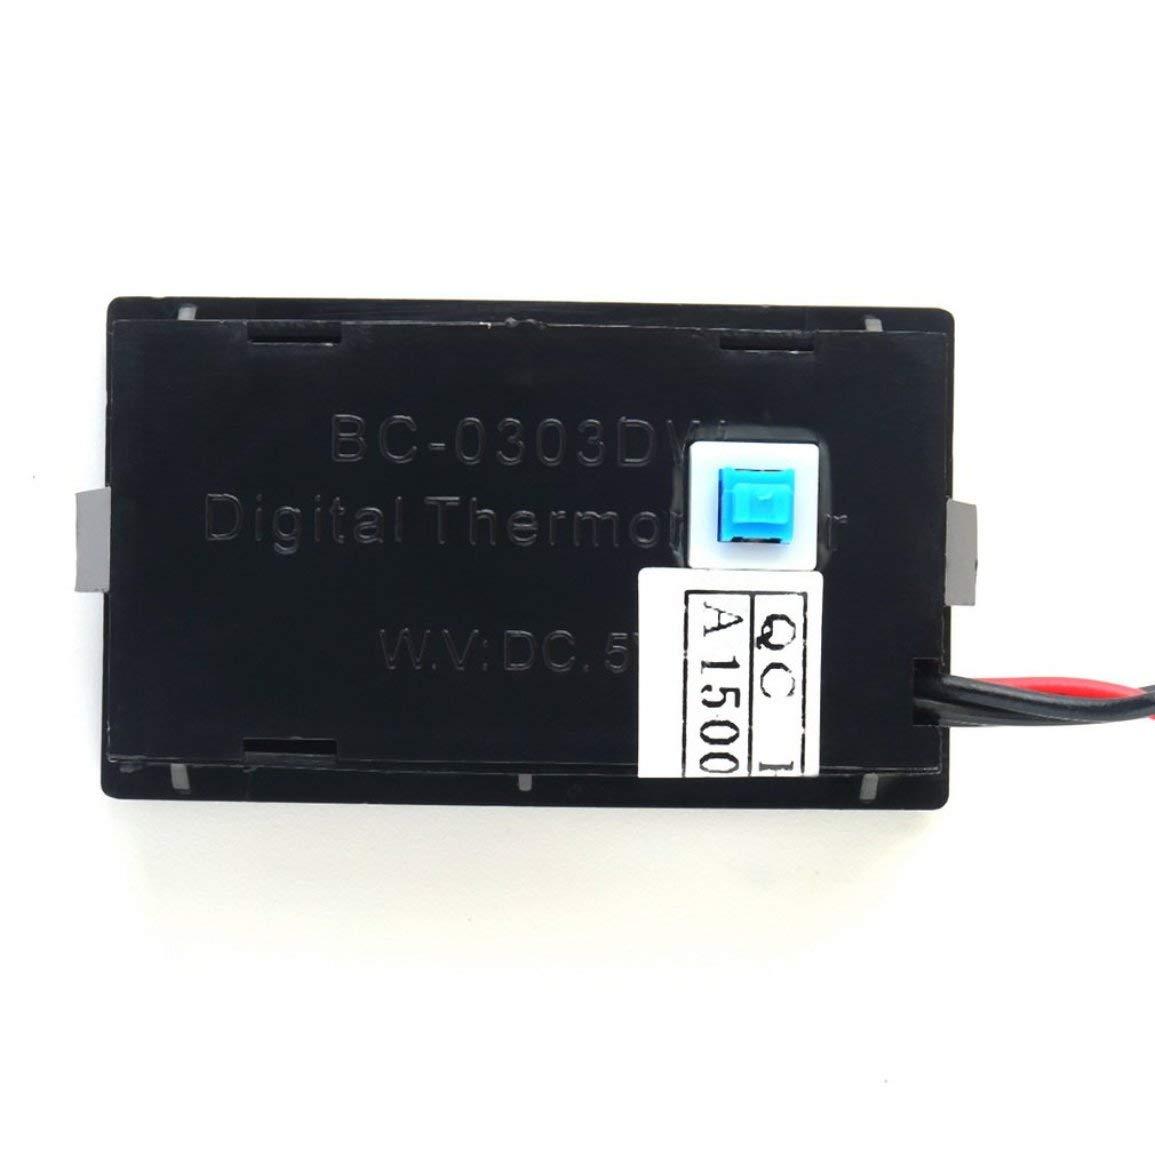 Term/ómetro digital LCD Medidor LCD Detector Medidor PC Car Mod C//F Montaje en panel Molex con pantalla de retroiluminaci/ón azul Color: como muestra la imagen